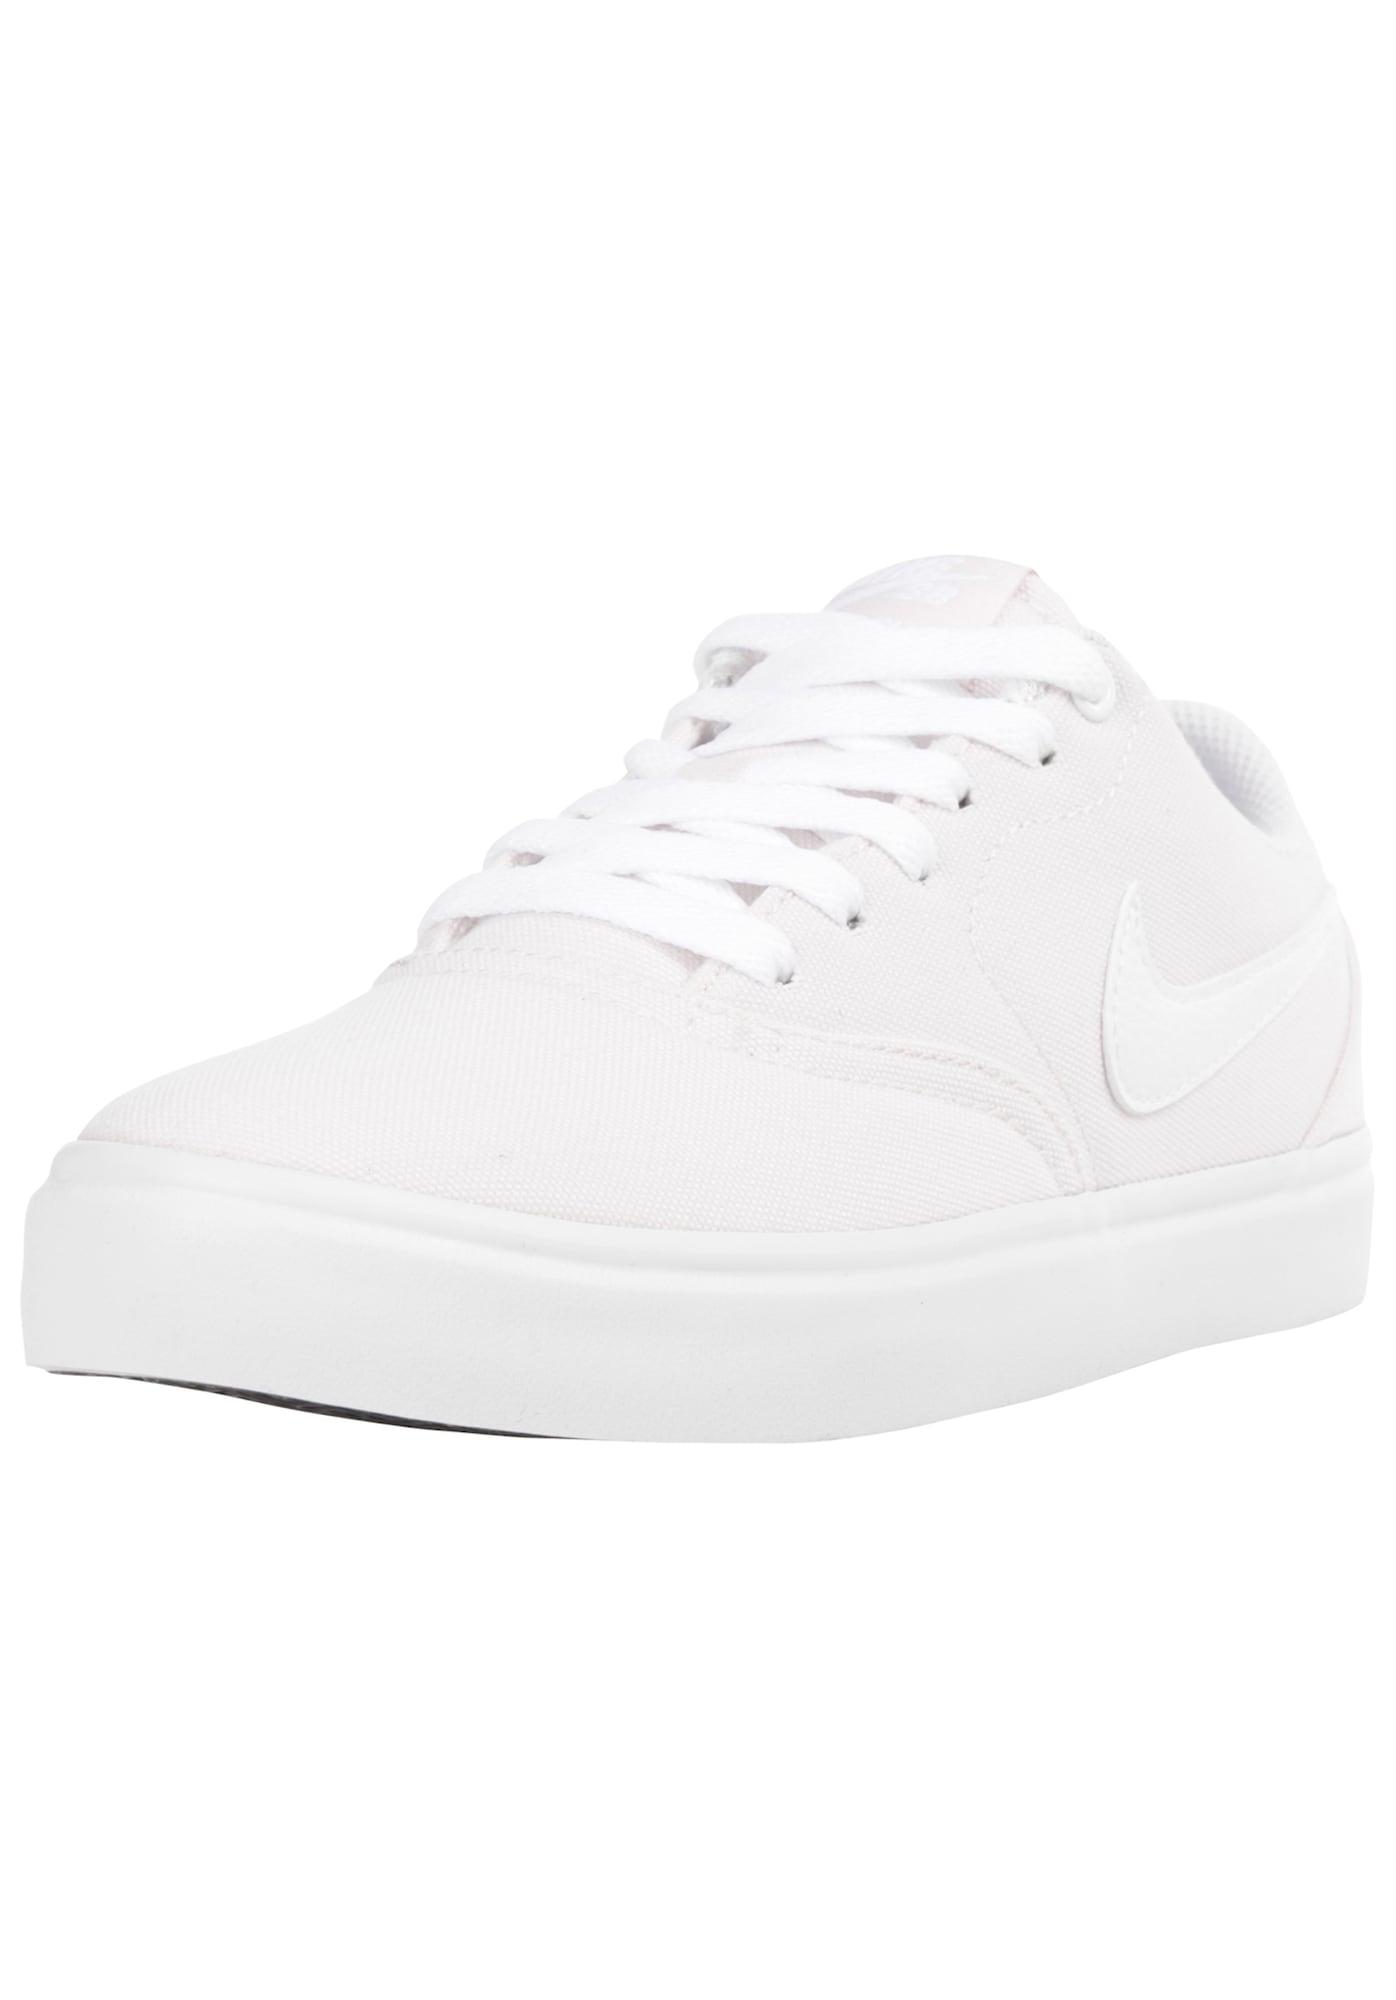 Sportovní boty Solarsoft Canvas pastellpink Nike SB